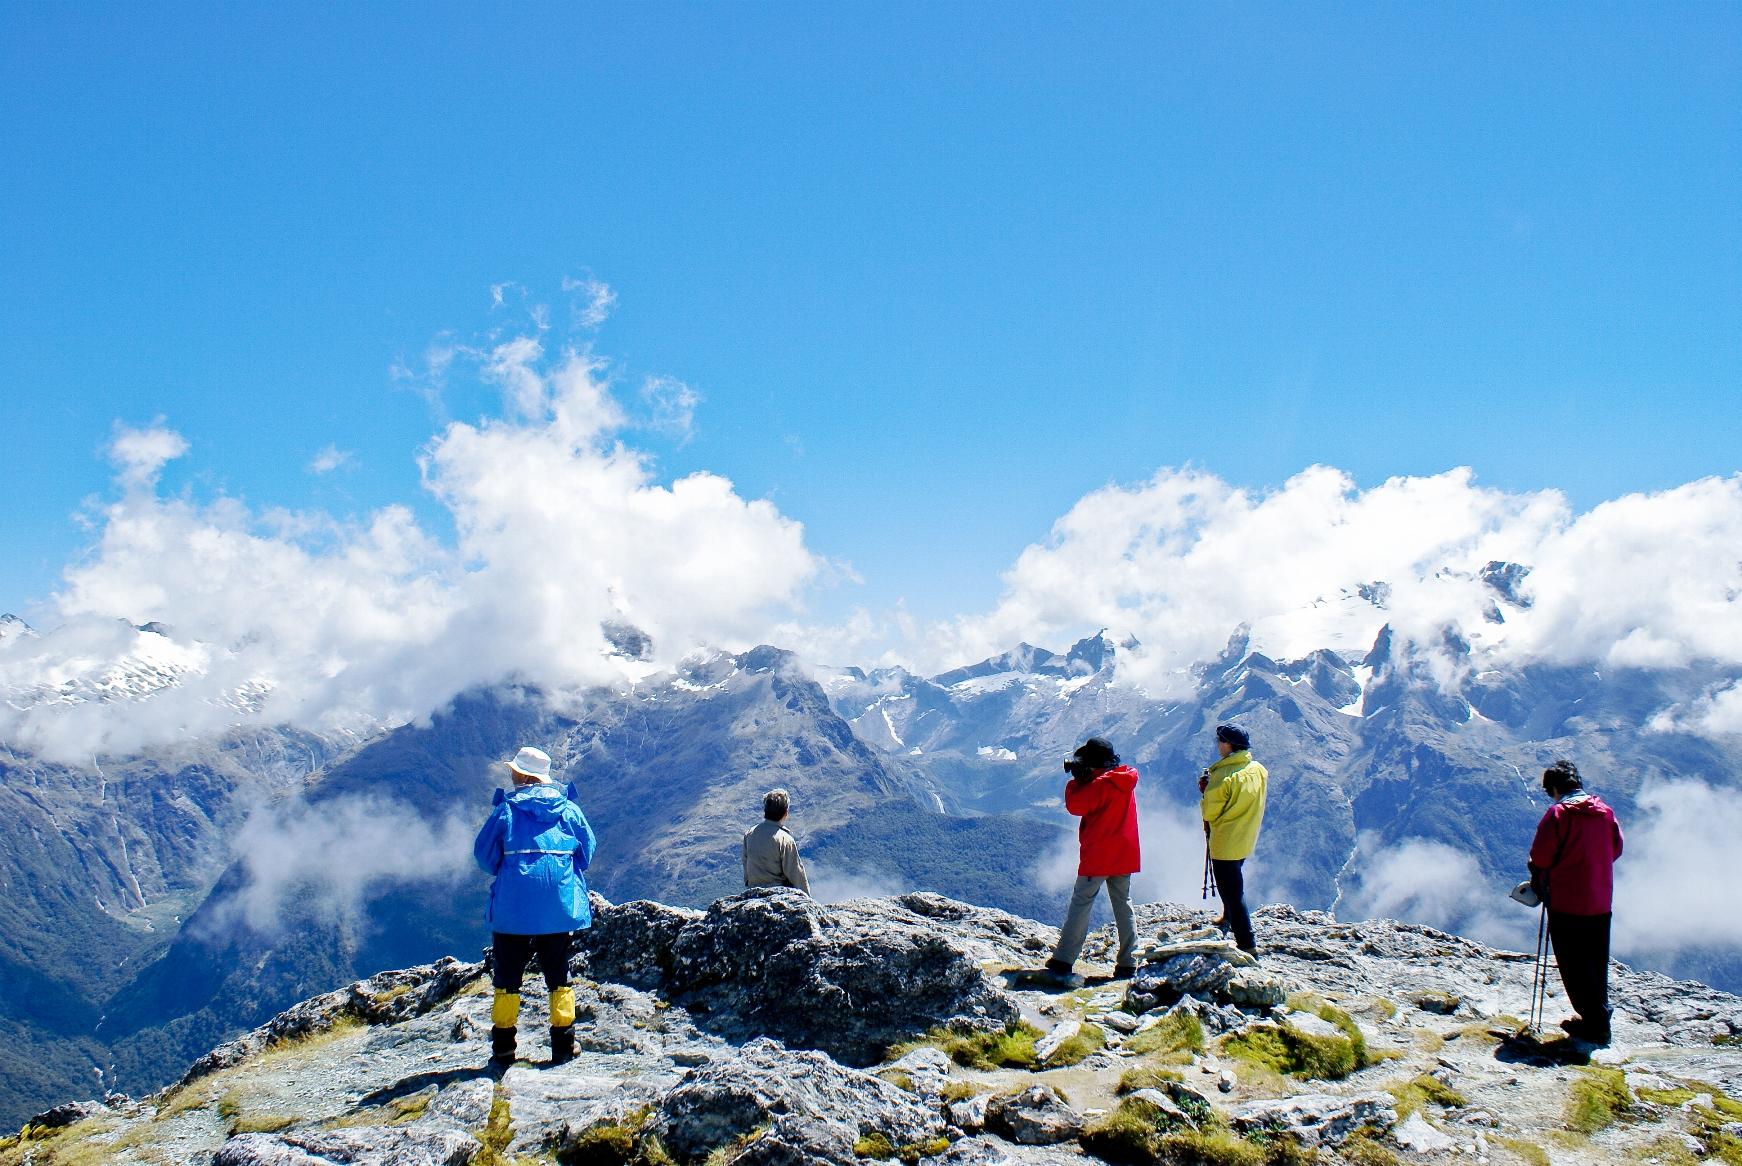 コニカルヒル展望地からダーラン山脈の眺め